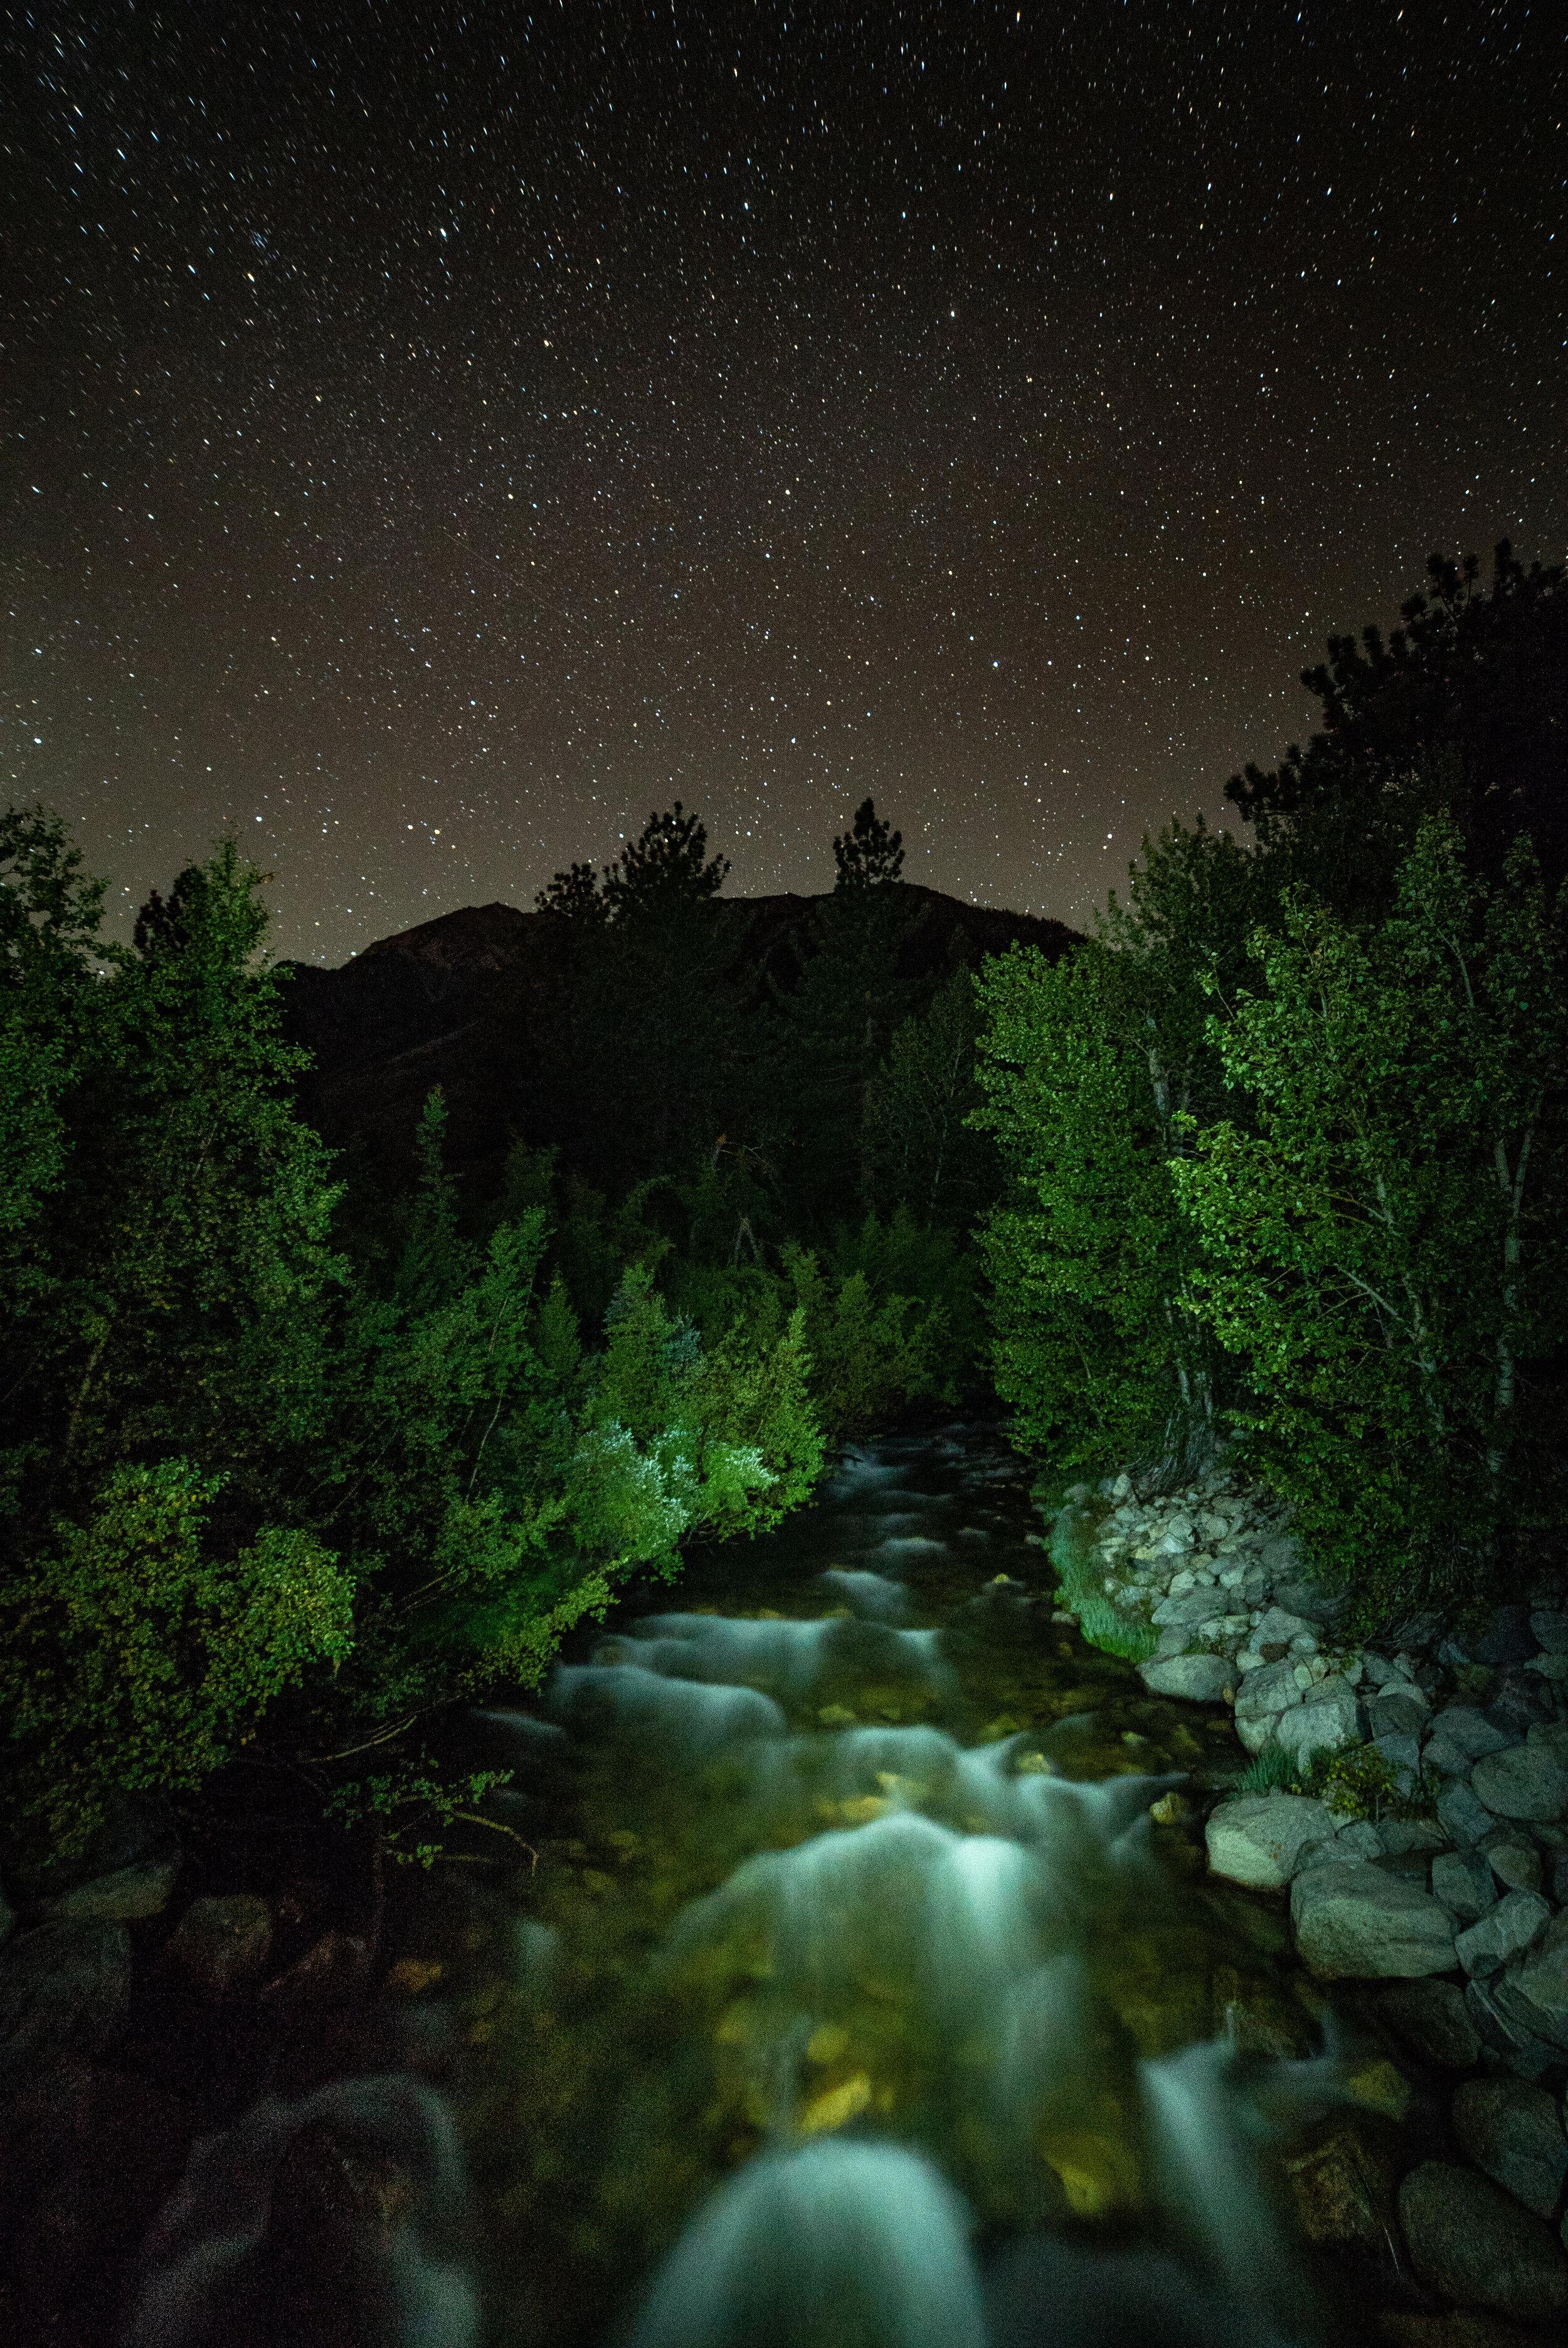 Sierras w Rumsey 2019-2.jpg